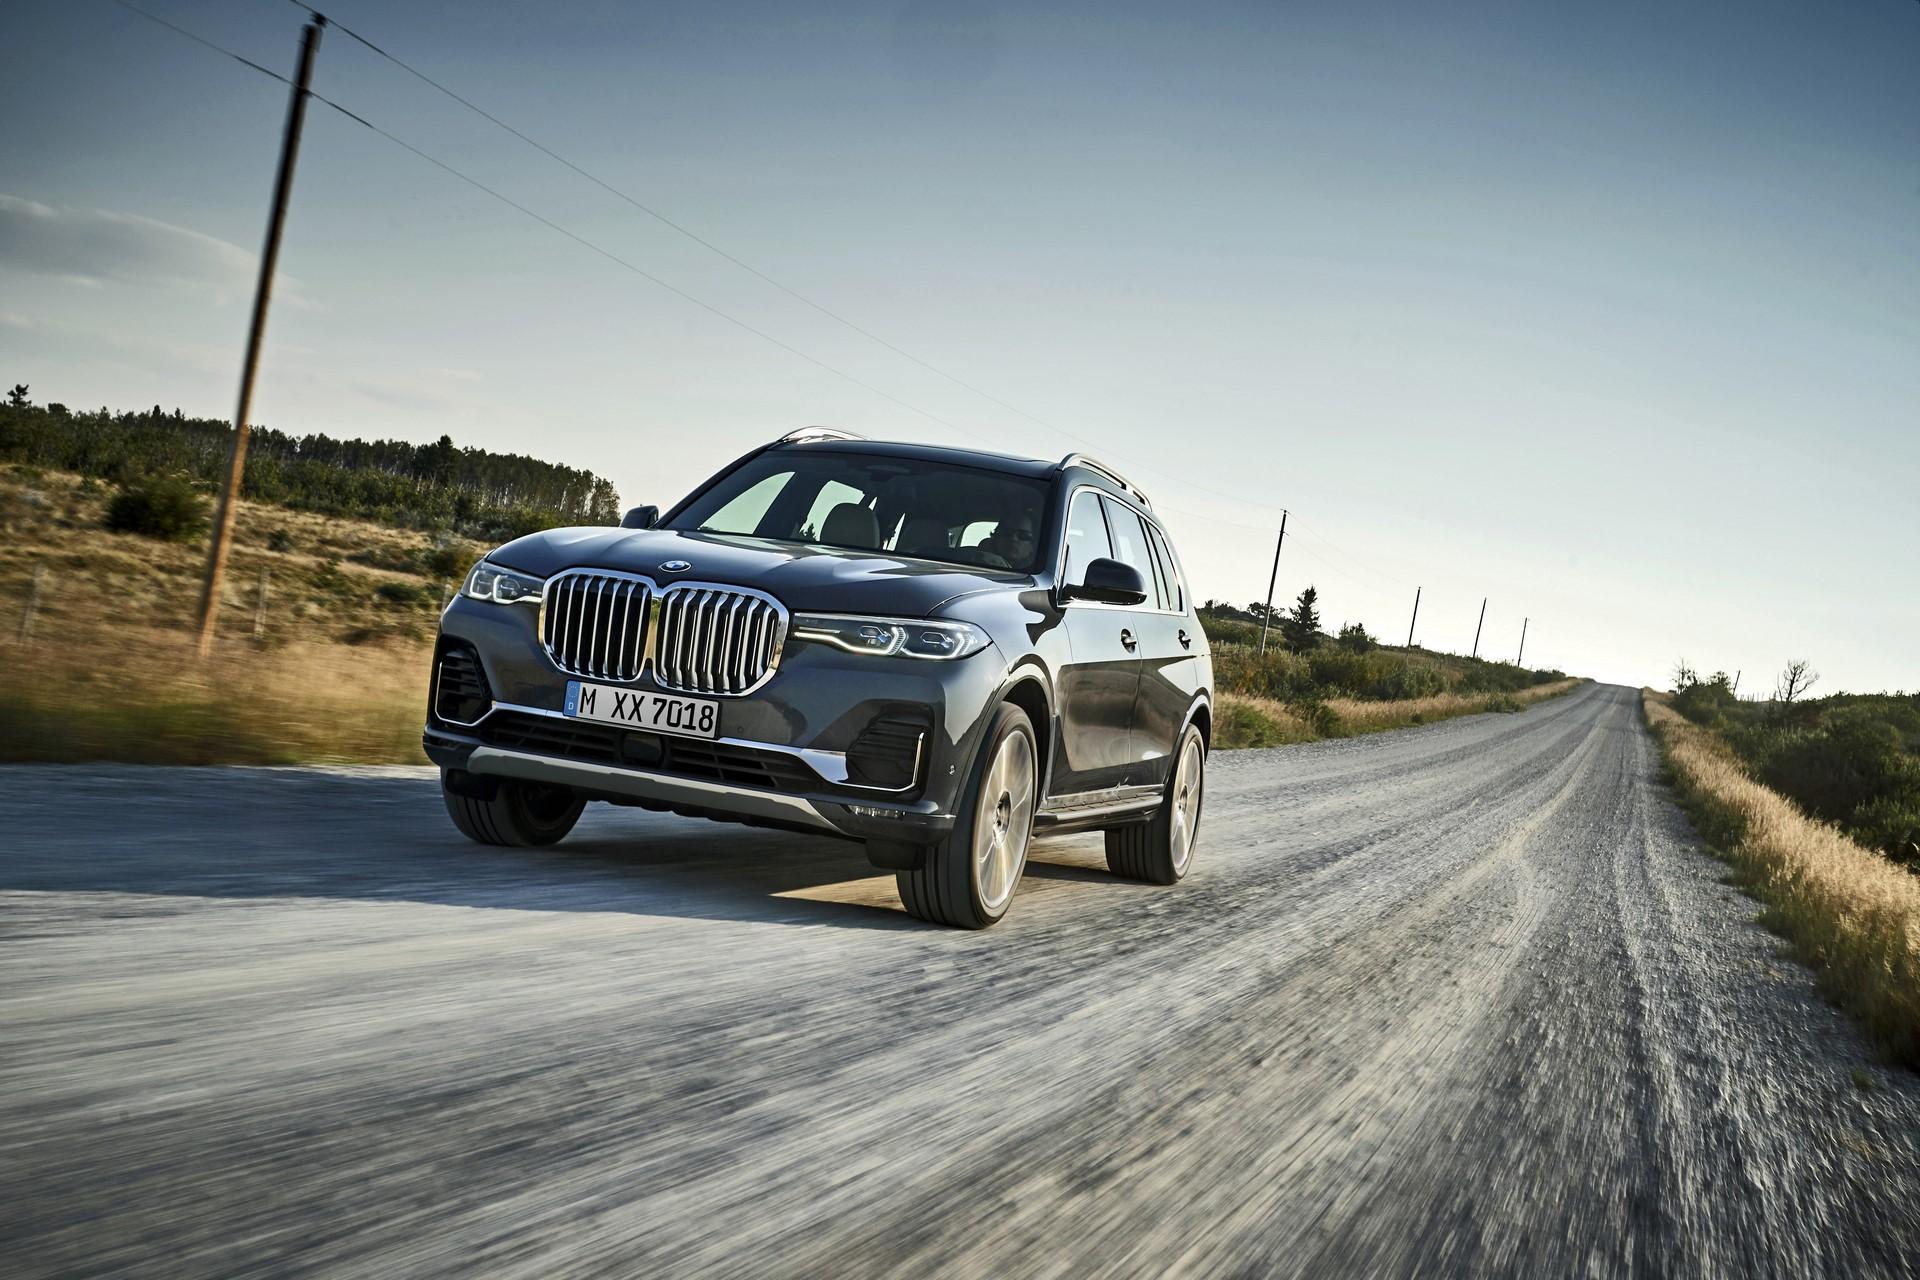 BMW X7 2019 (2)